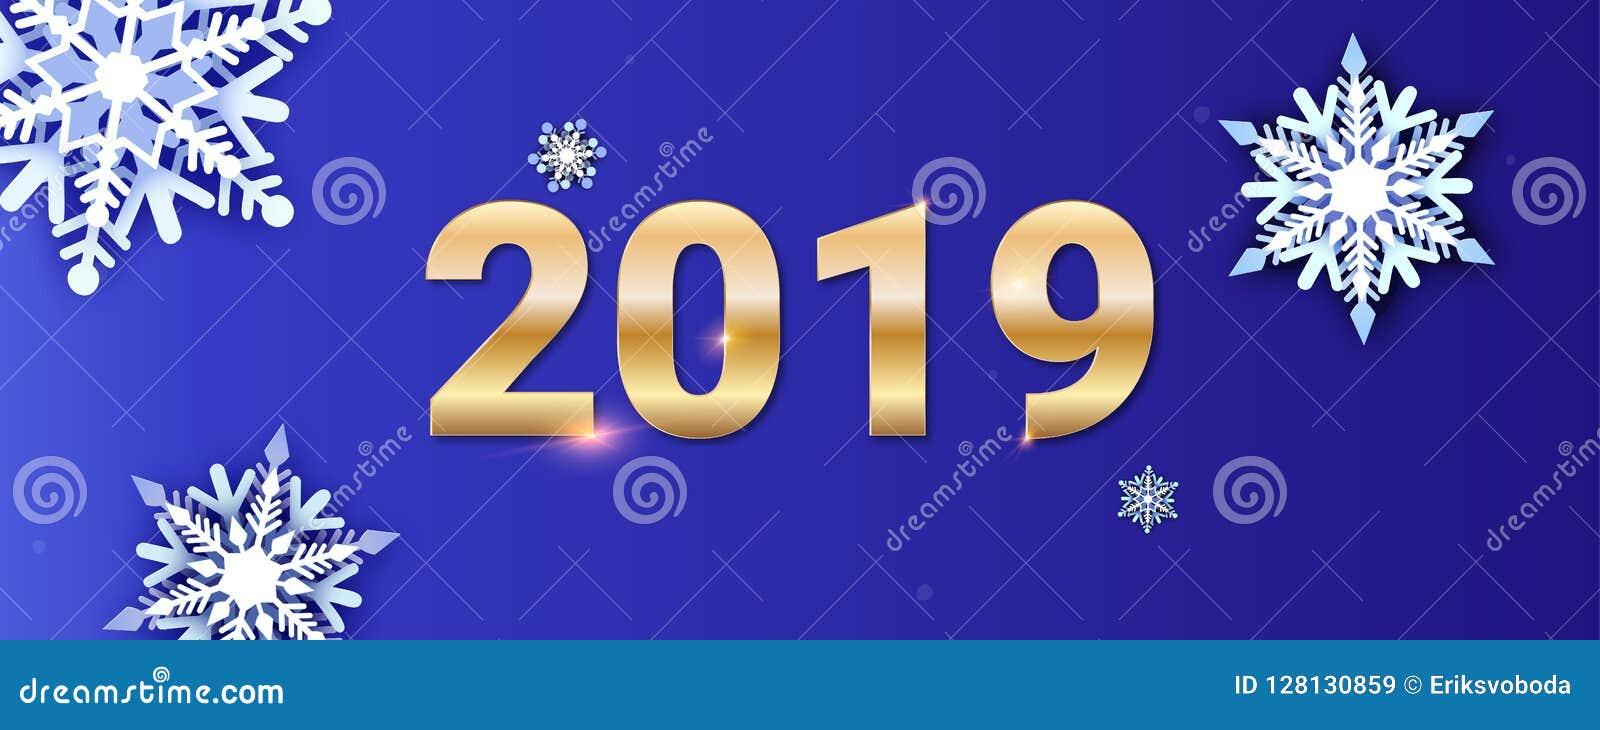 Tarjeta de felicitaciones de la Feliz Año Nuevo Números de oro 2019 en el fondo de la caída de la nieve Corte acodado multi volum